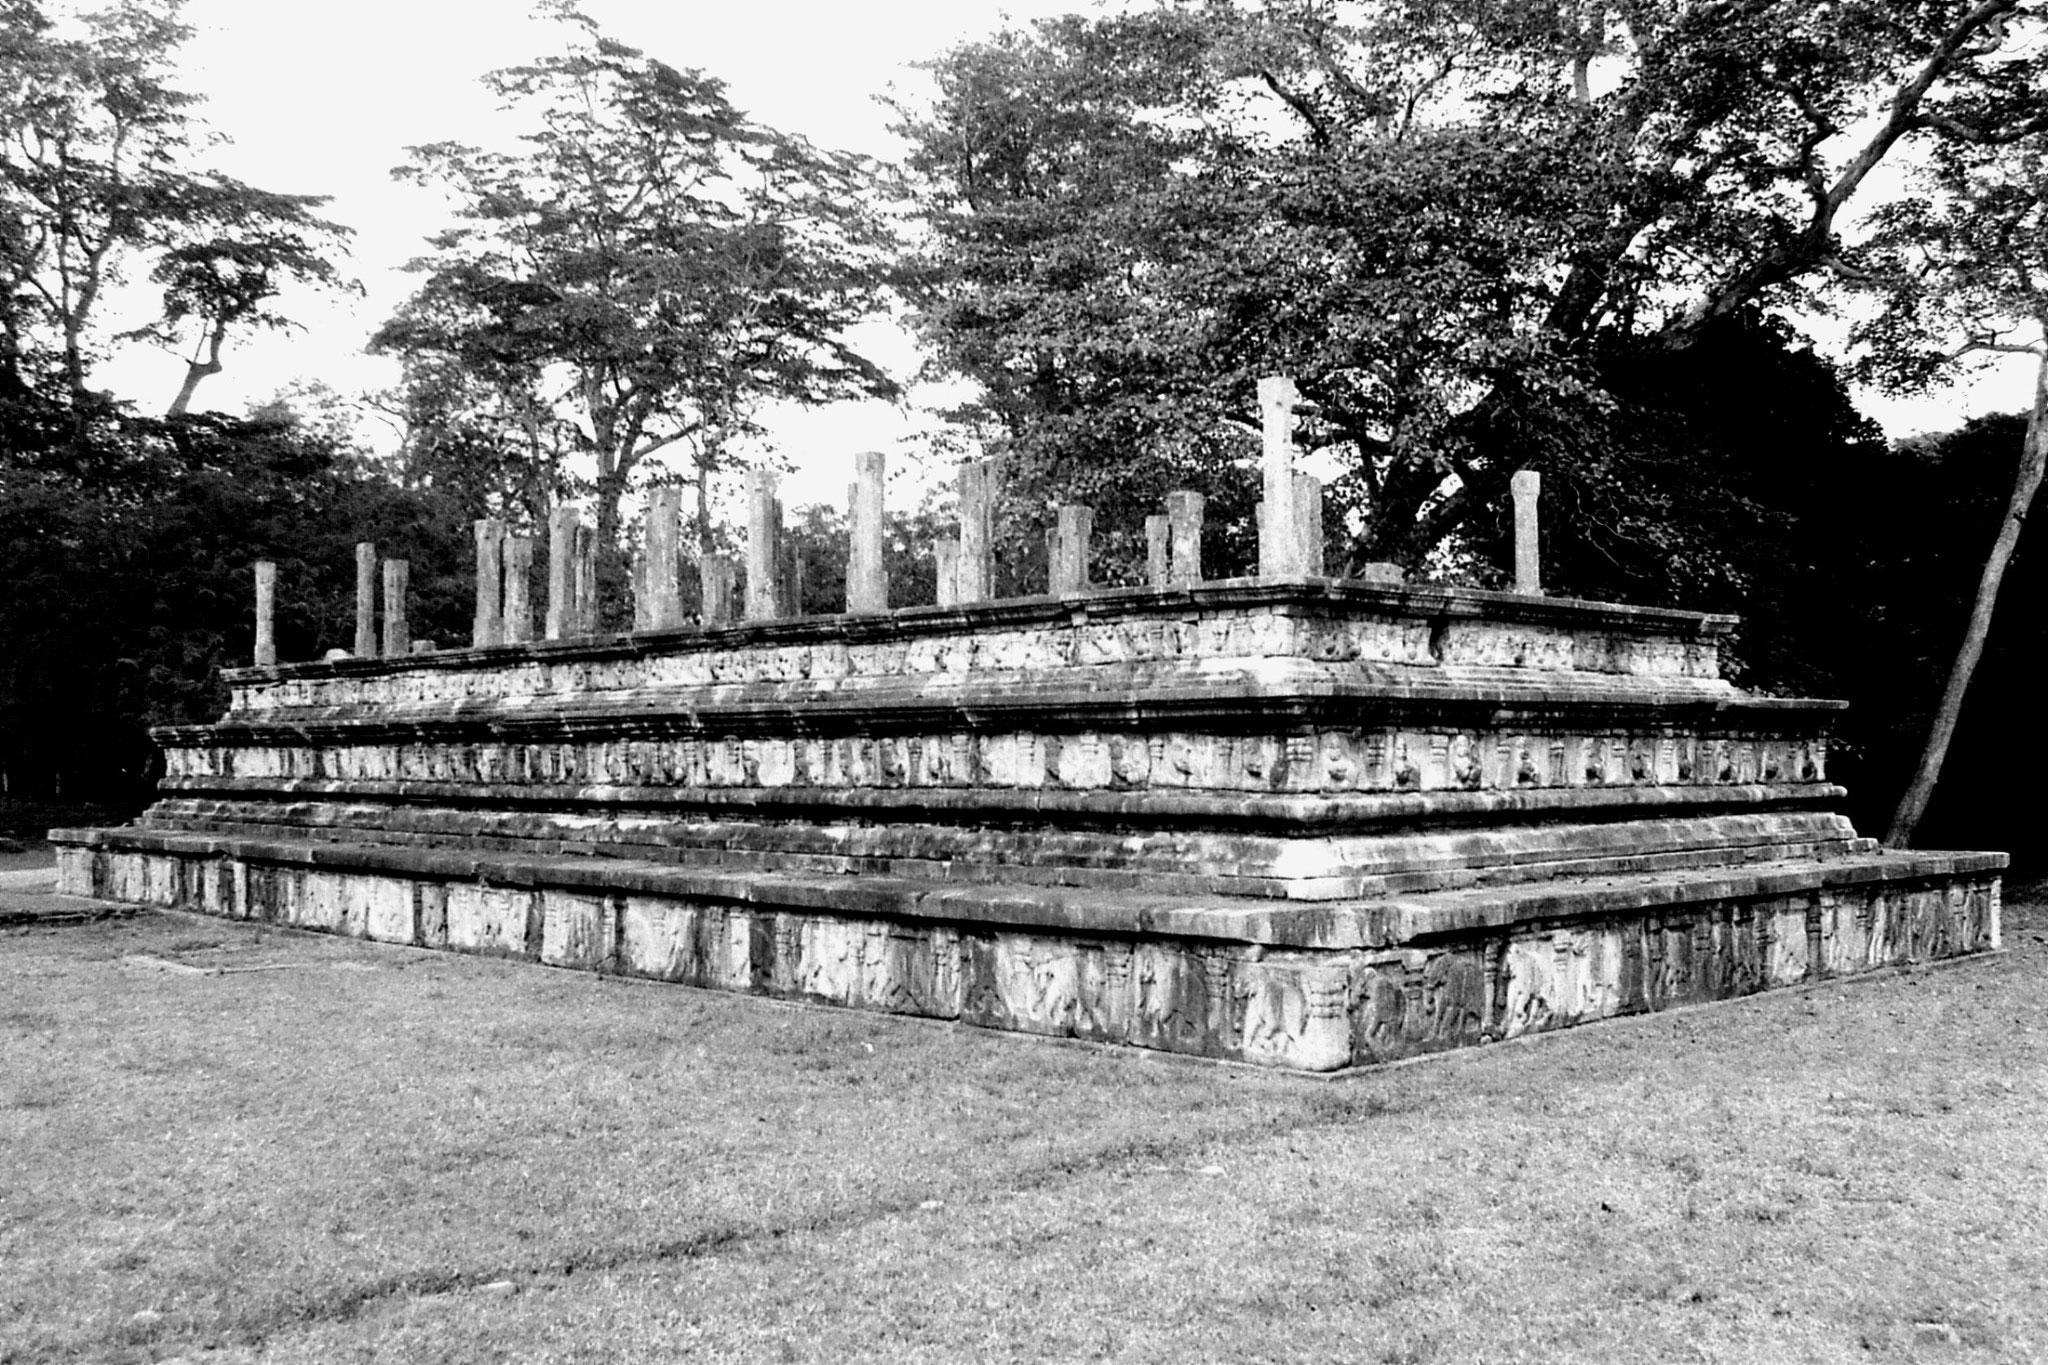 7/2/90: 12: Polonnaruwa